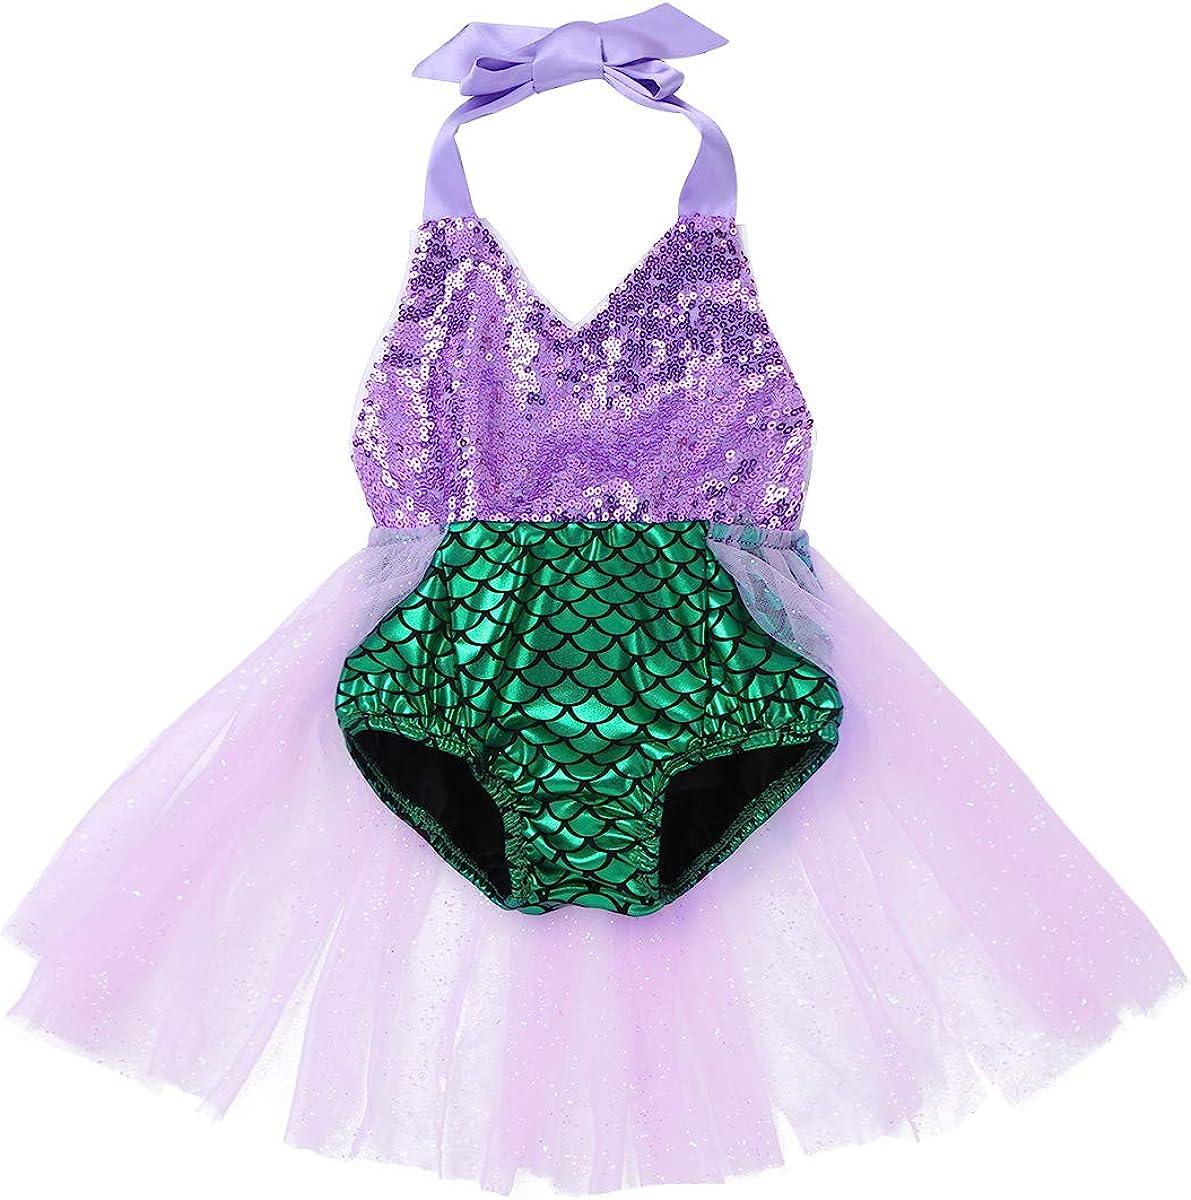 Agoky Robe de Sir/ène Paillette Brillant B/éb/é Enfant Fille D/éguisement Sir/ène Princesse Cosplay Costume Halloween Tutu Robe Danse Ballet Justaucorps Gymnastique 0 Mois-3 Ans